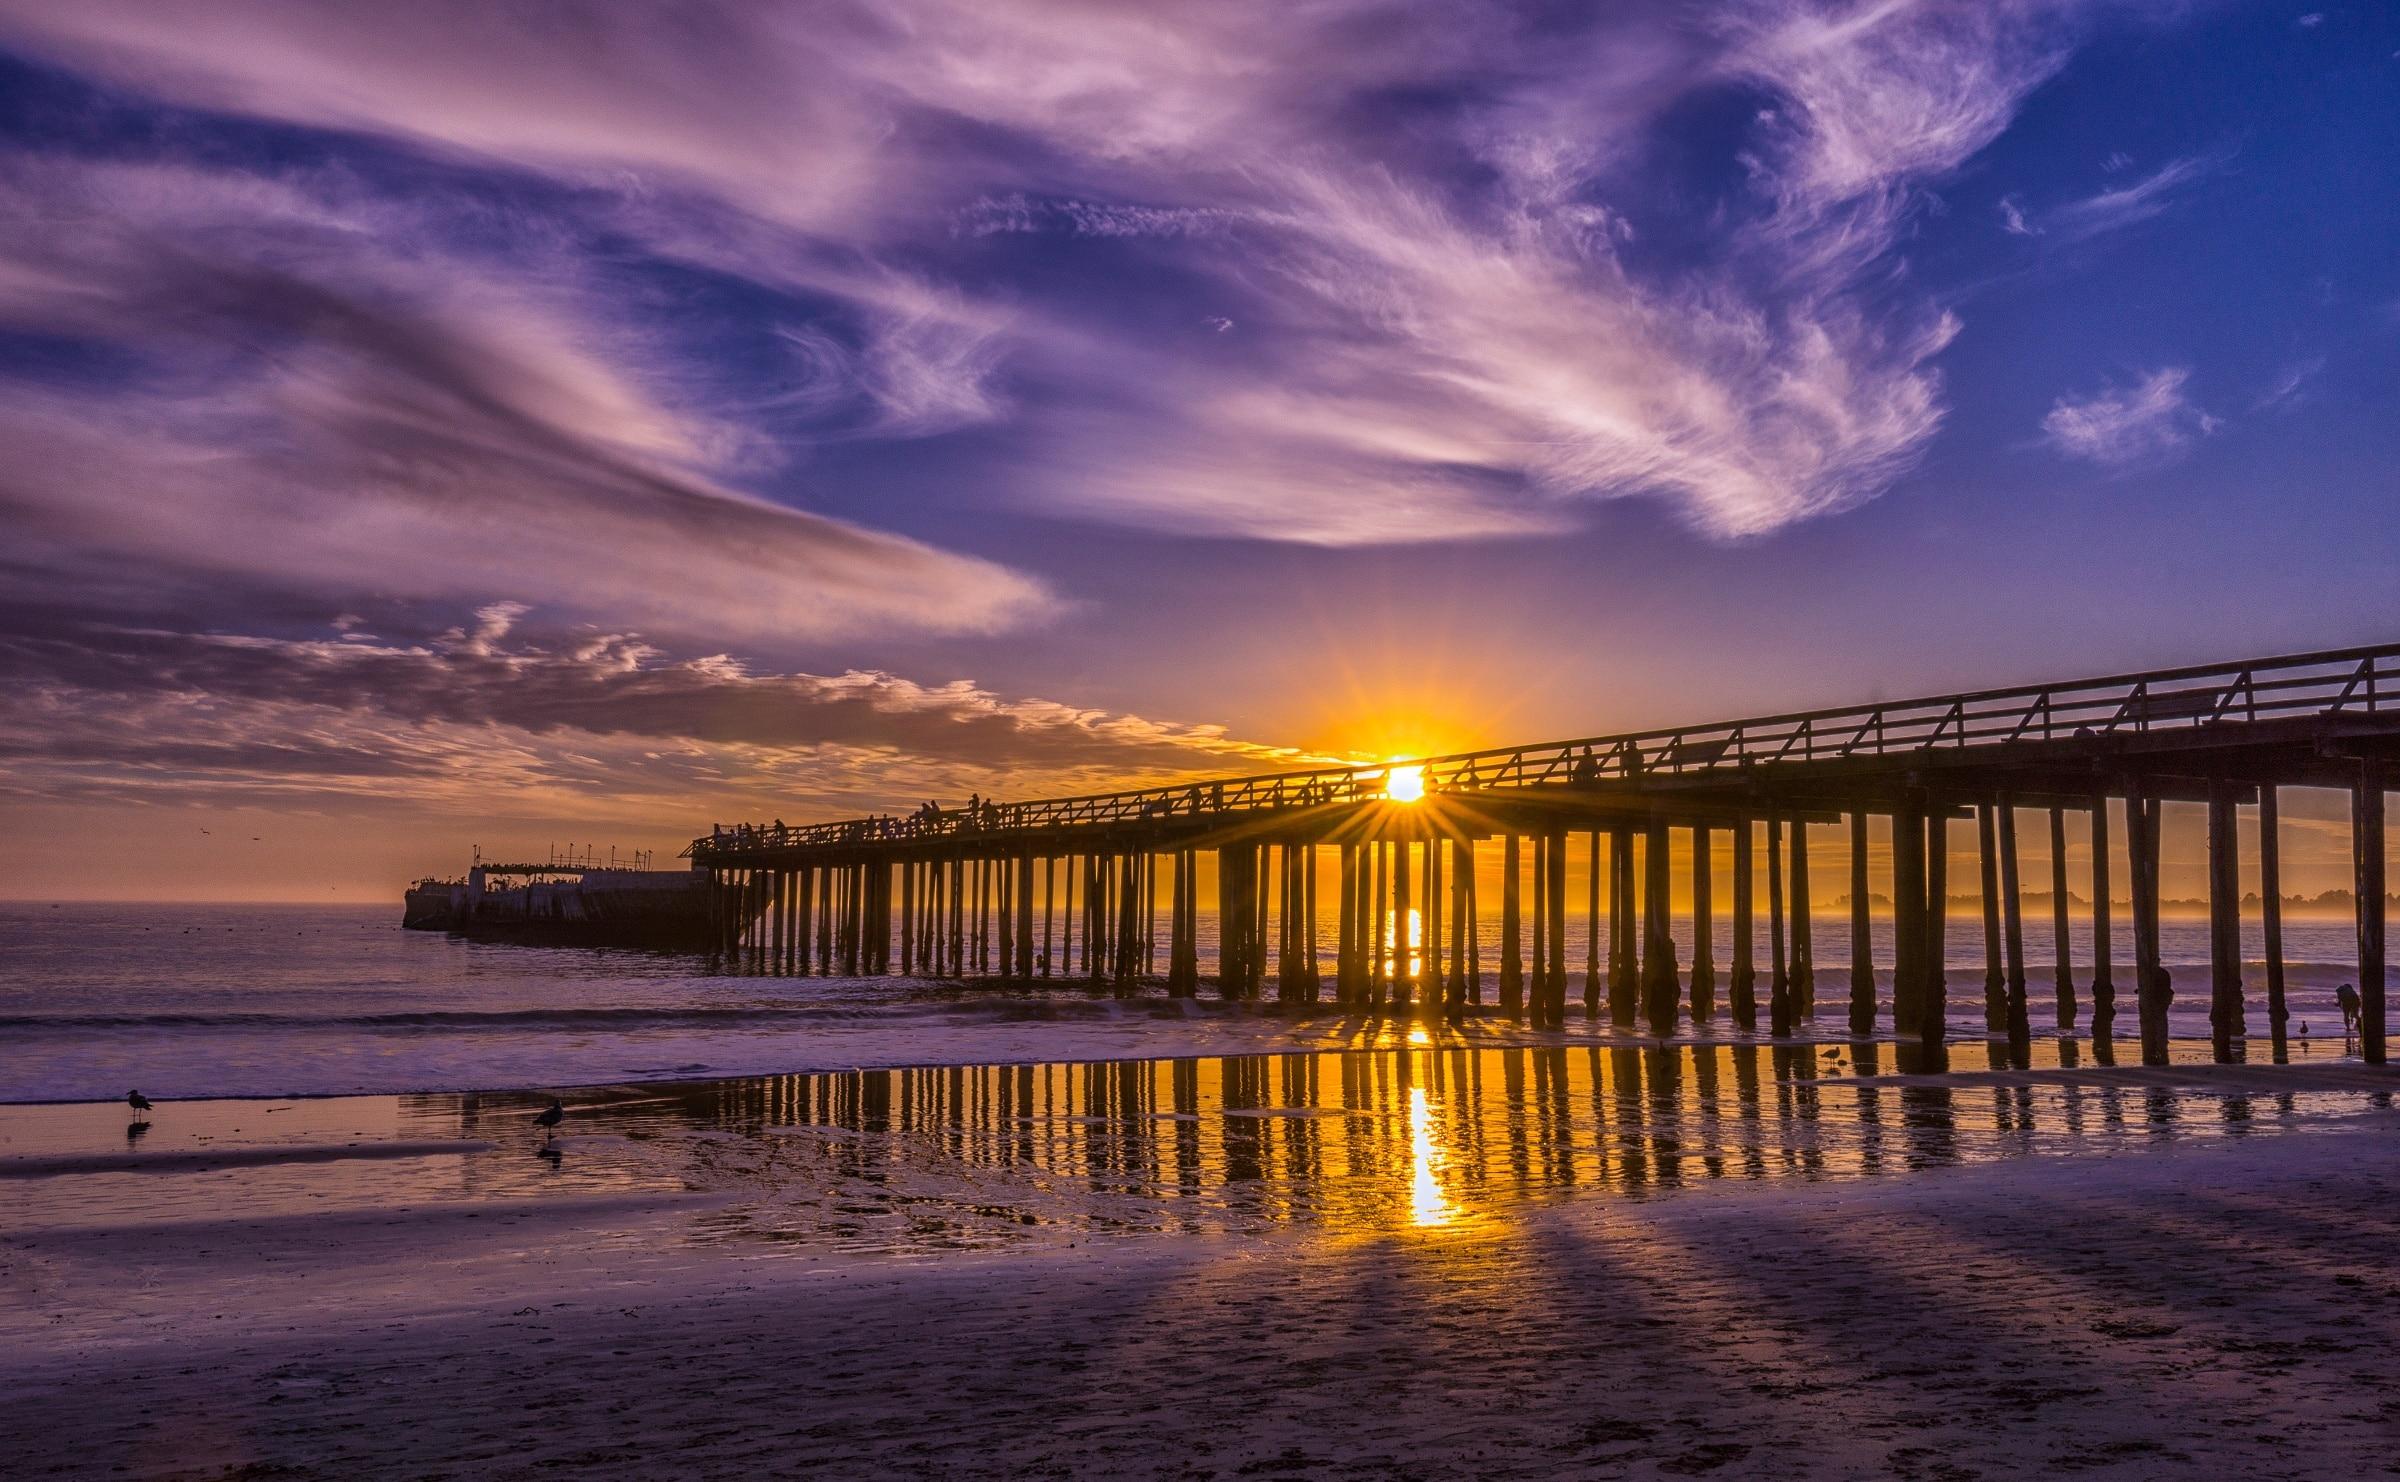 Rio del Mar, California, United States of America